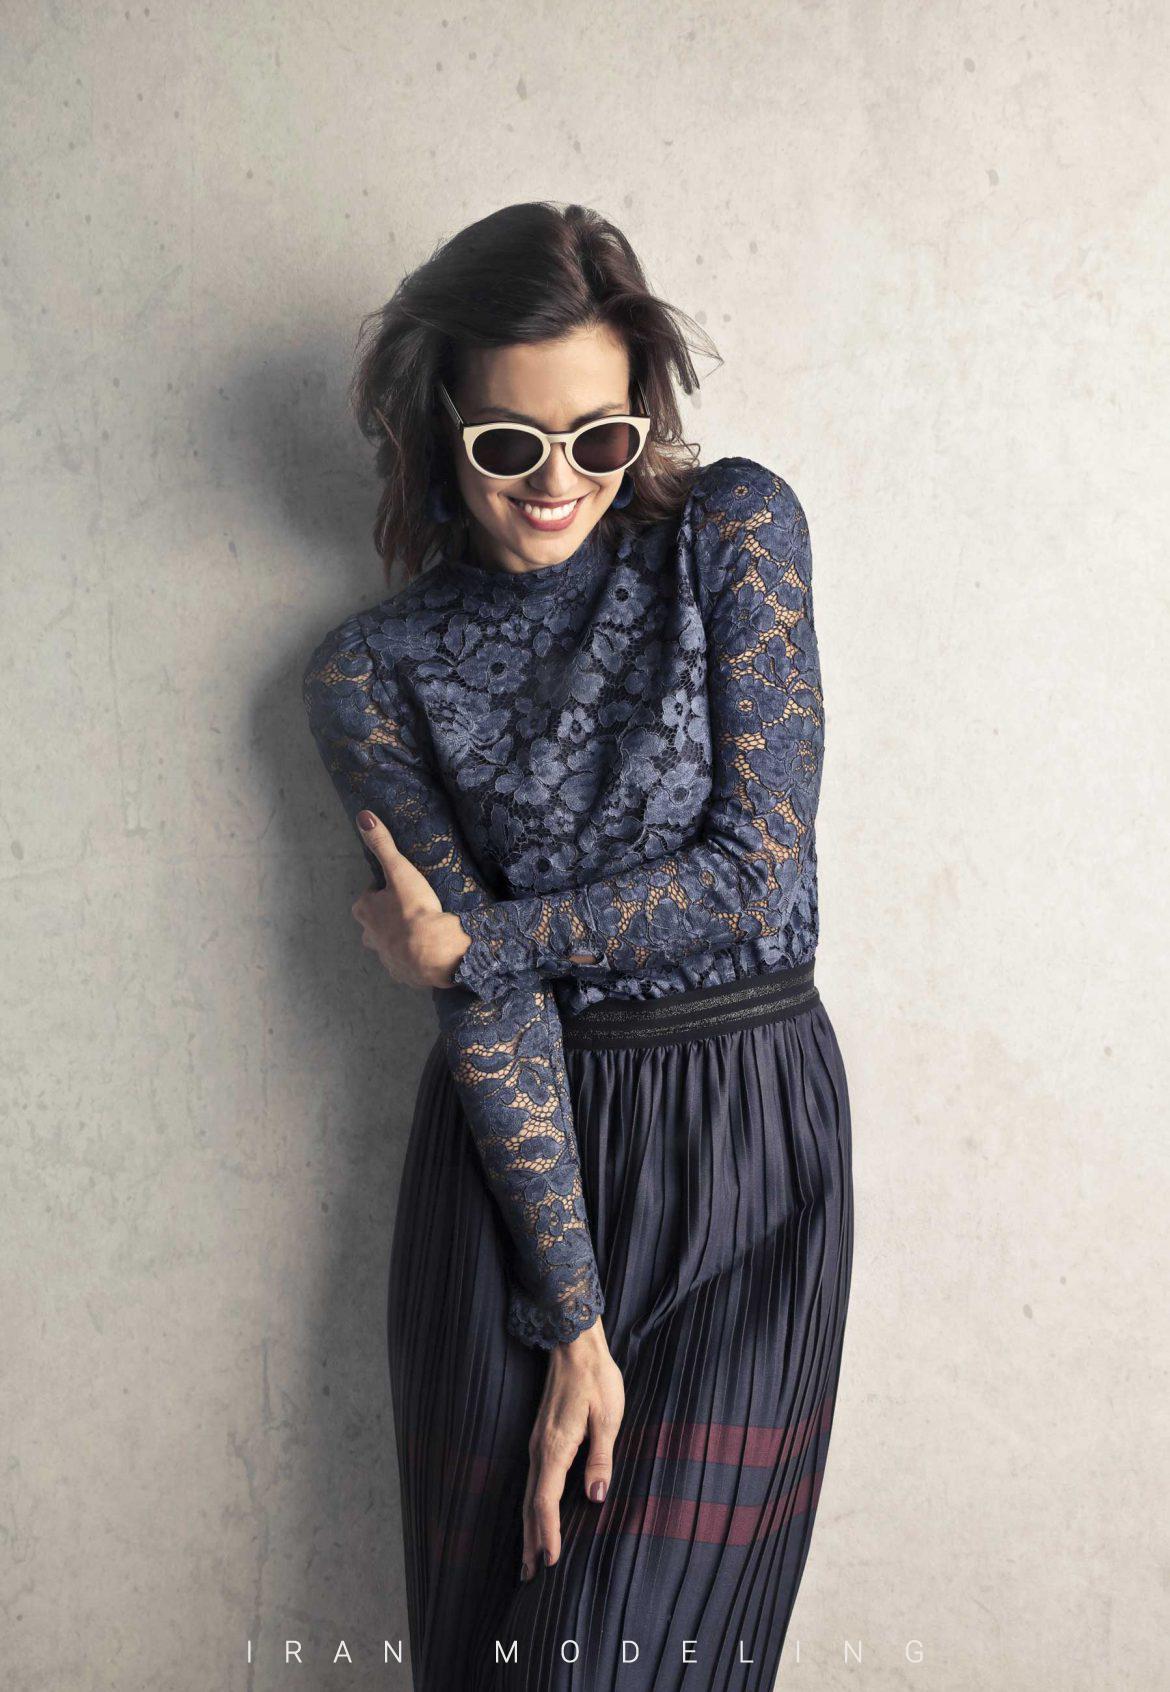 21 لباس پوشیده برای جشن که میتوانید از آنها ایده بگیرید